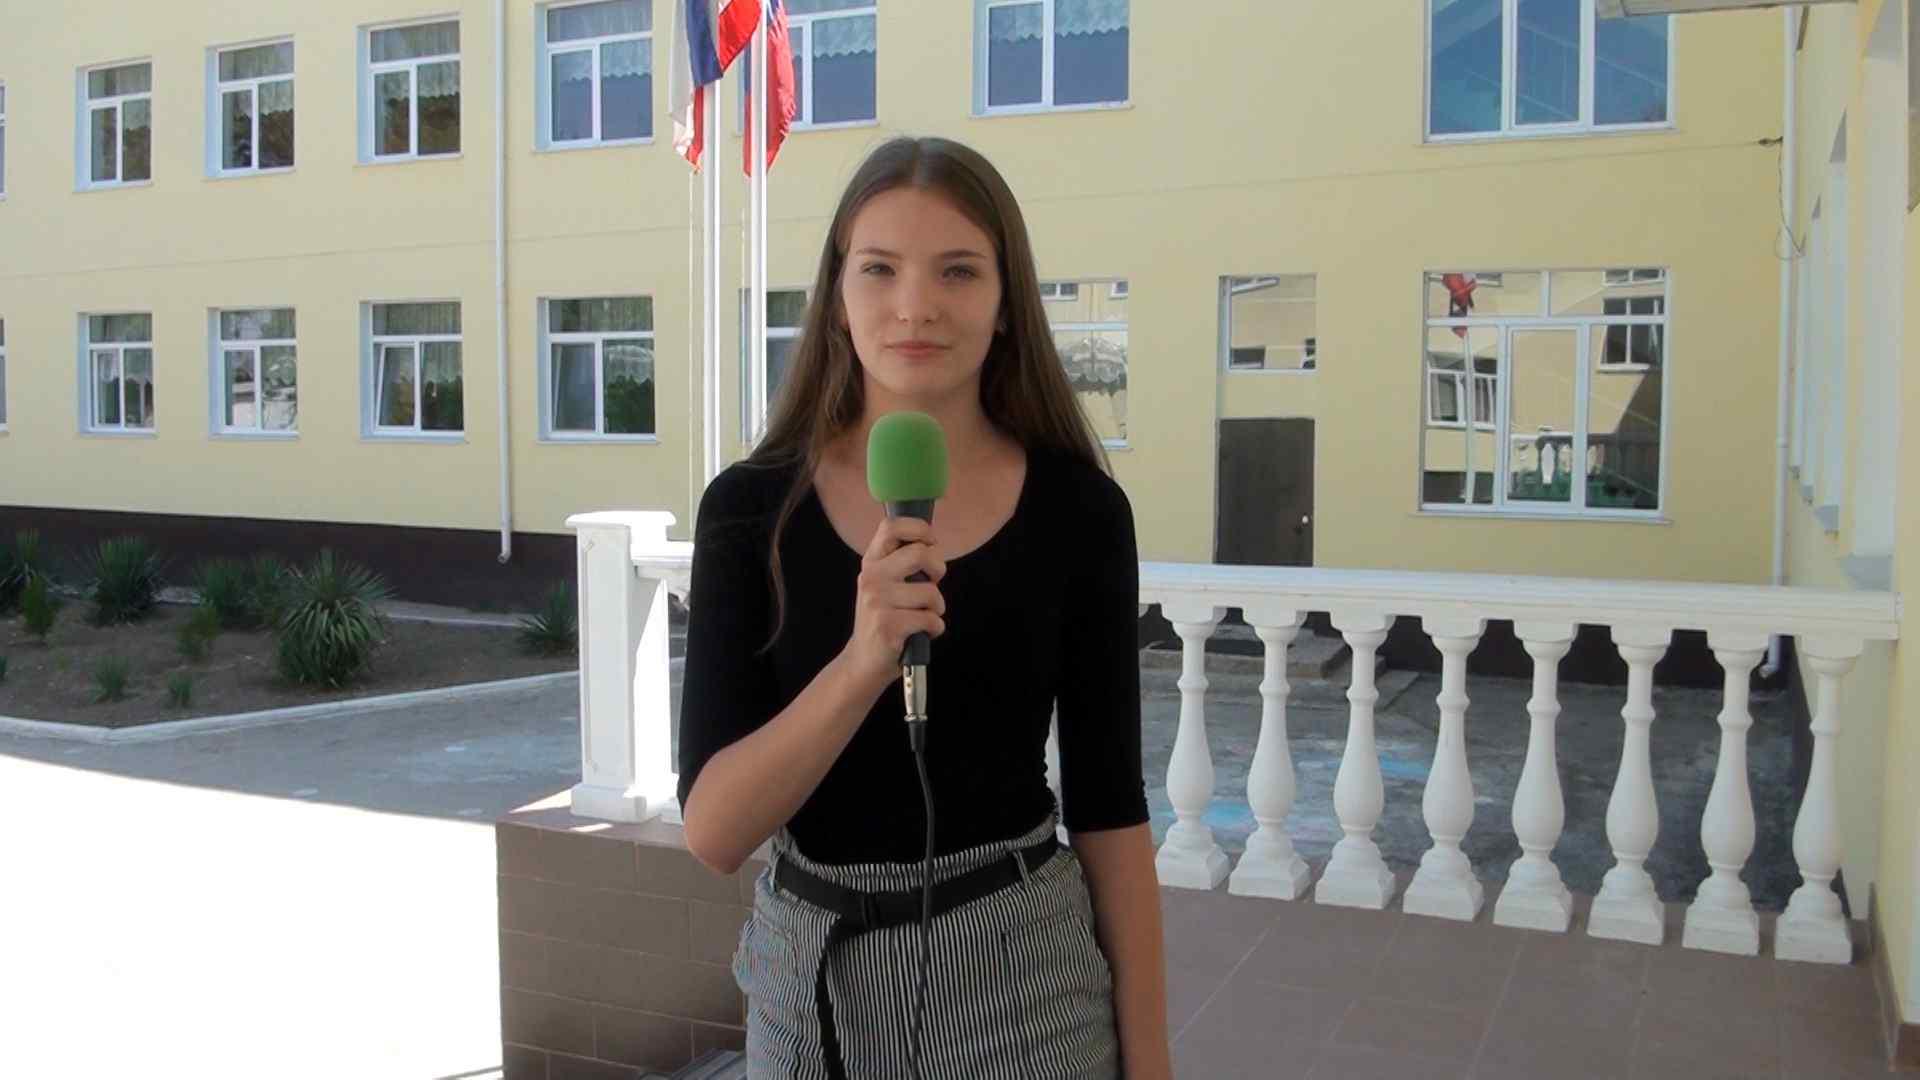 Анастасия Нестерова спорткласс - это здорово